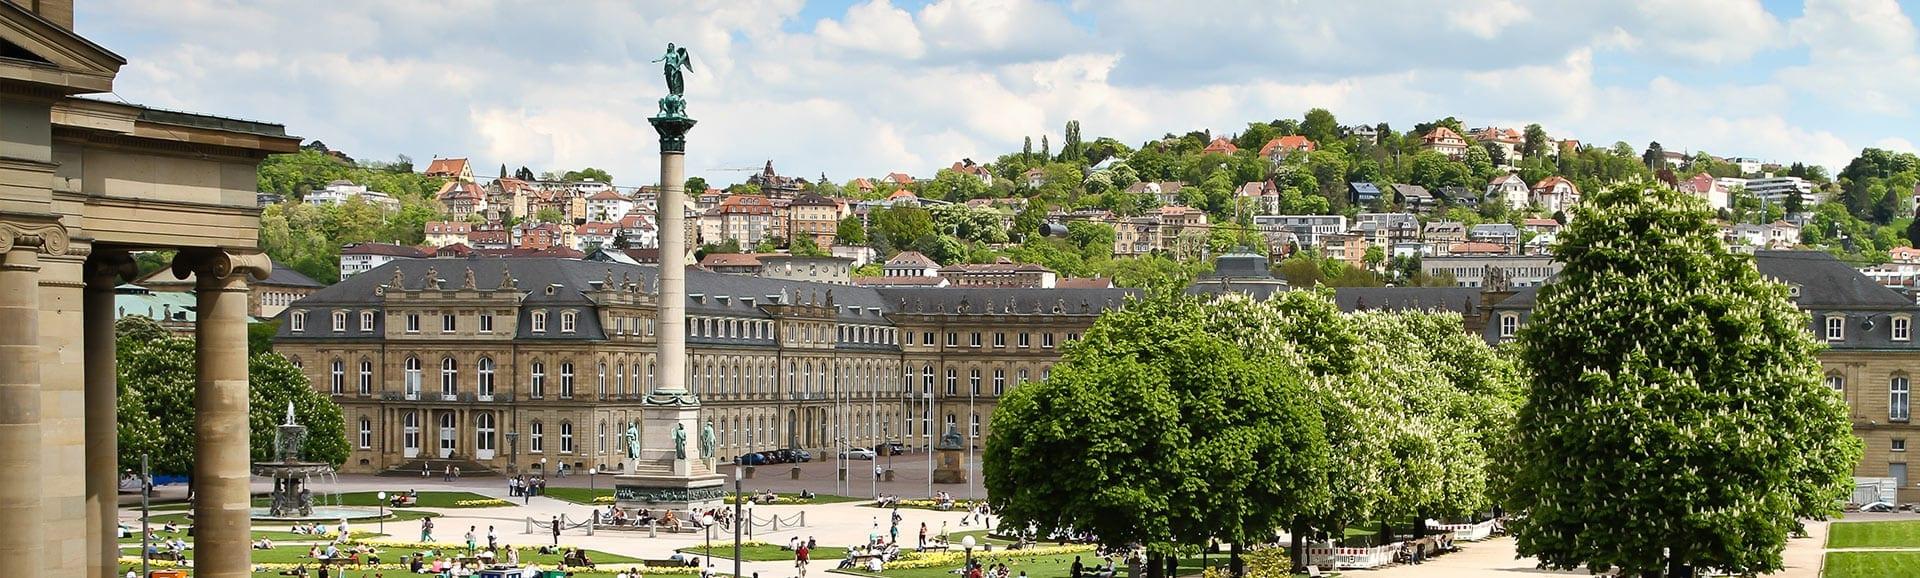 Blick auf den Stuttgarter Schloßplatz